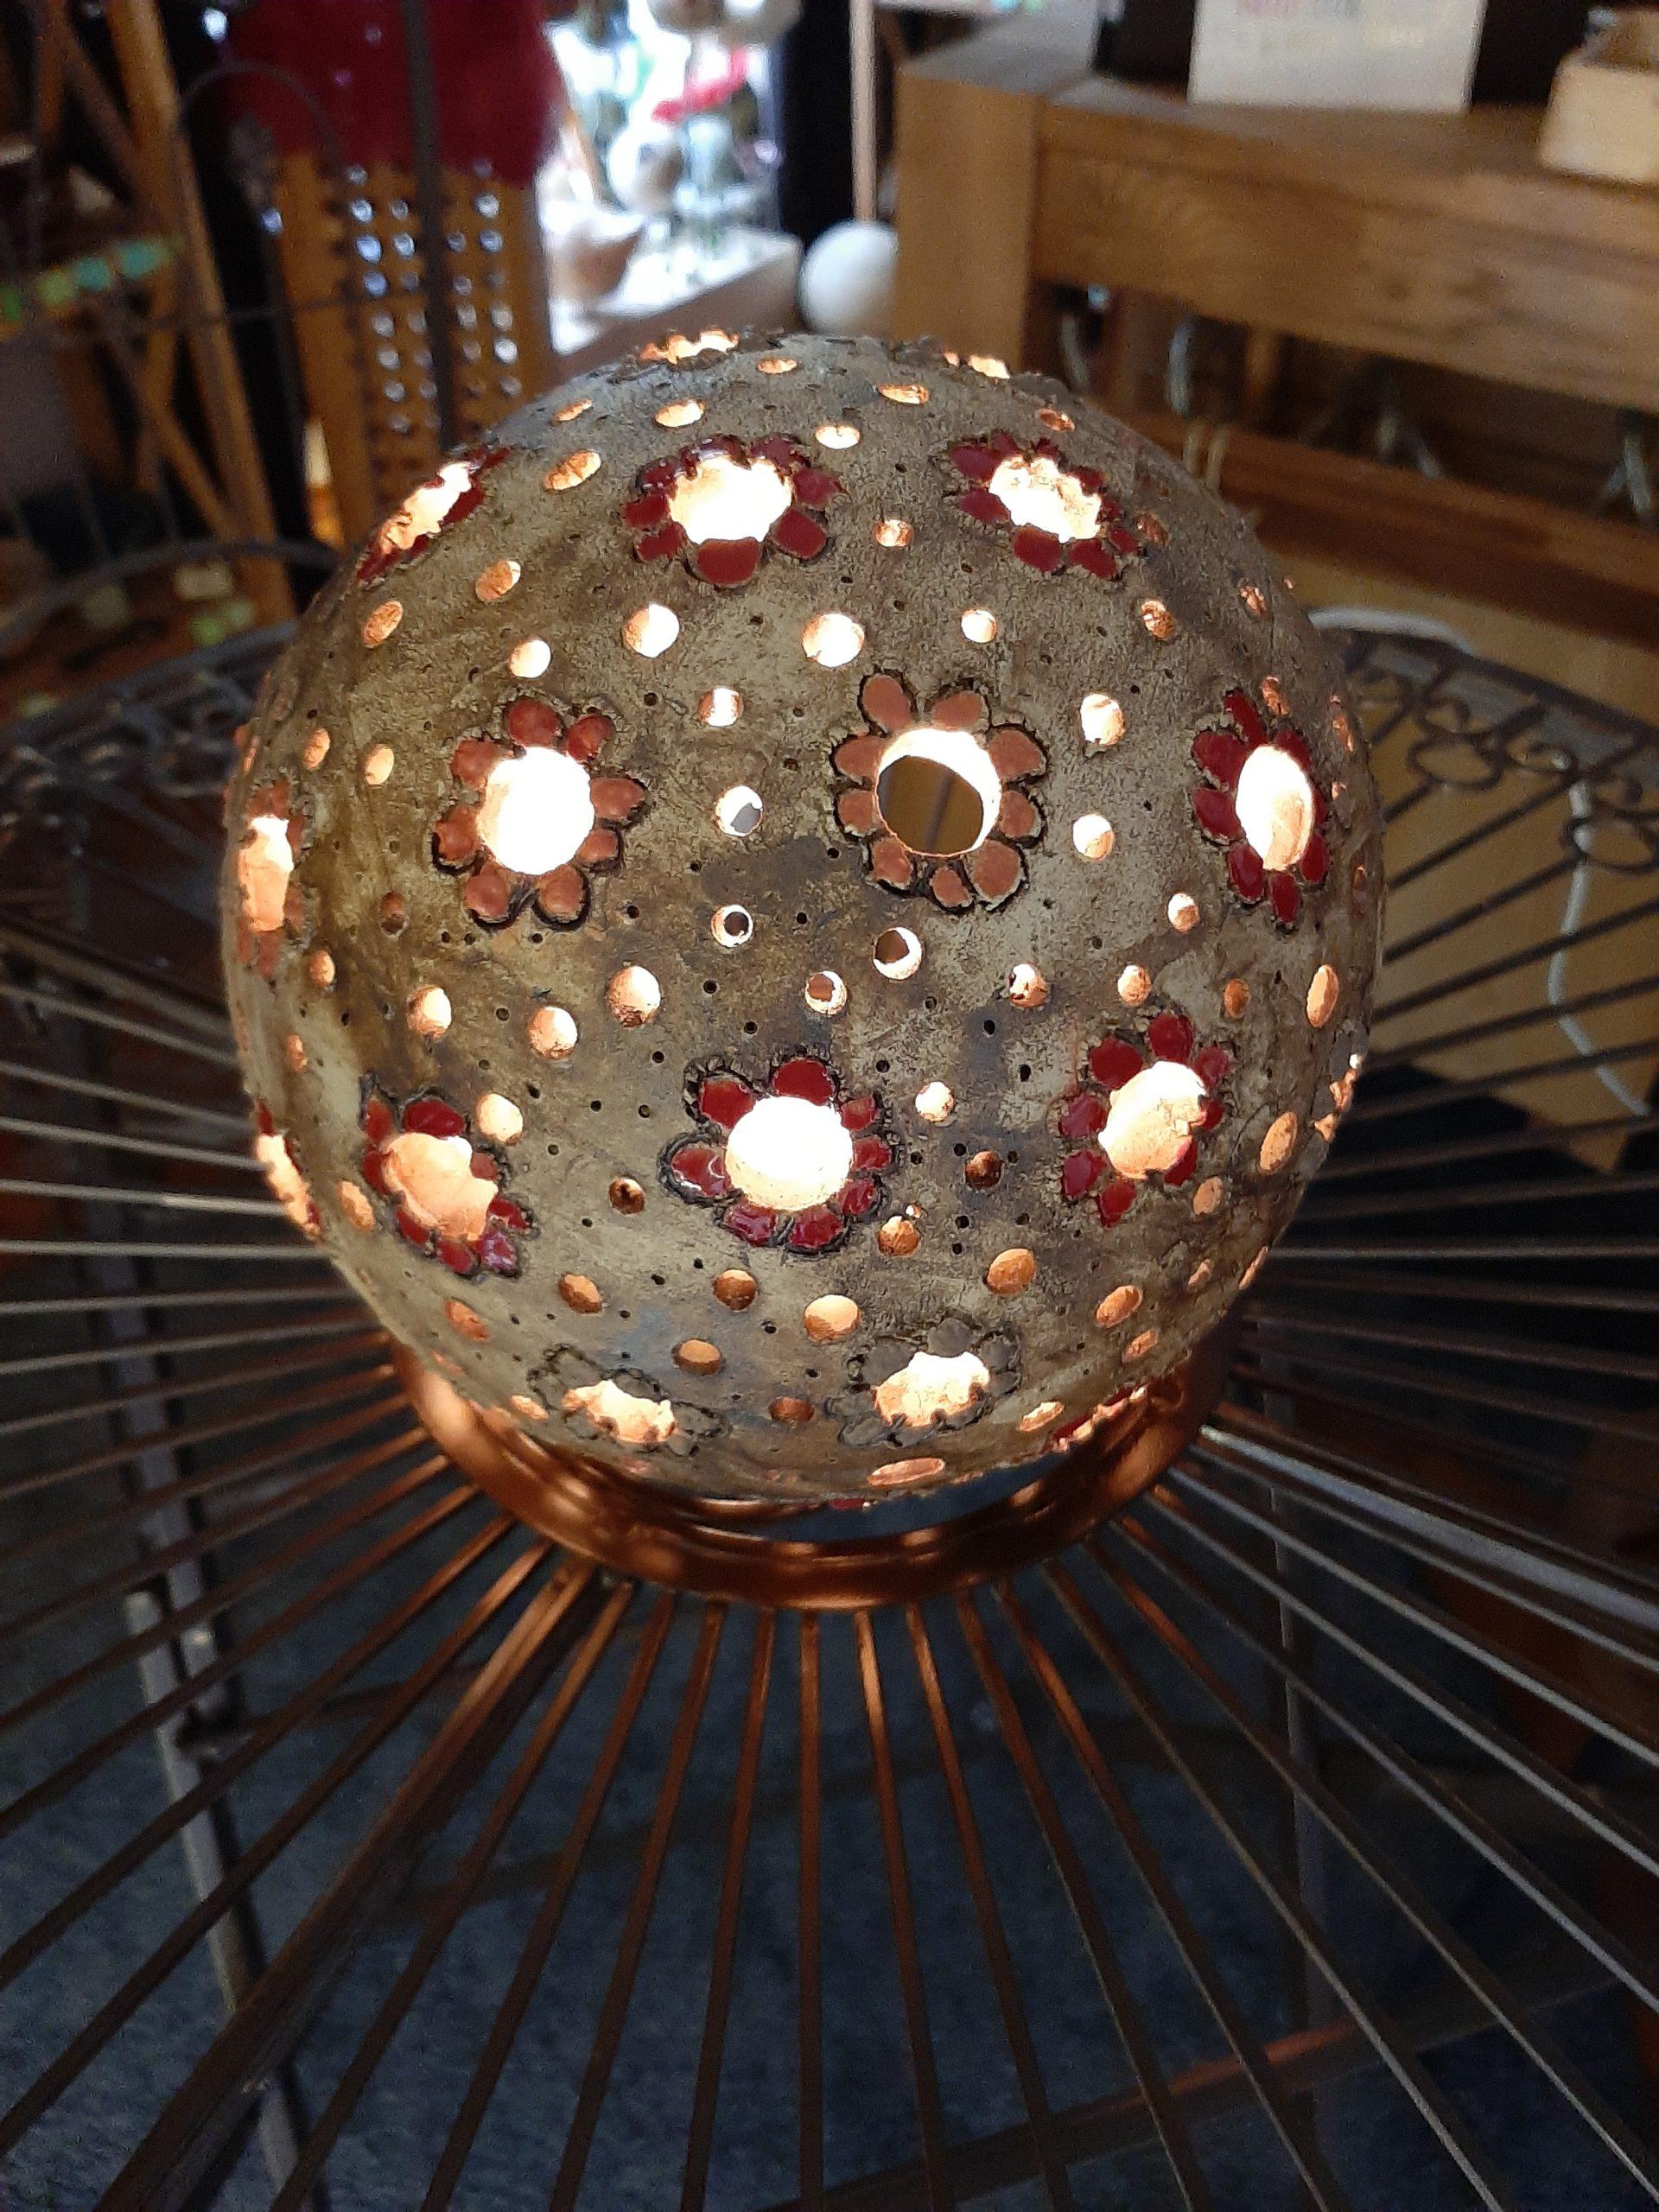 Lichtkugel,KeraMik von Herz zu Herz, Augsburg, Cay Art, Pottery, Handarbeit, Einzelstücke, Individuelles, Geschenke der besonderen ArtKunst aus Ton